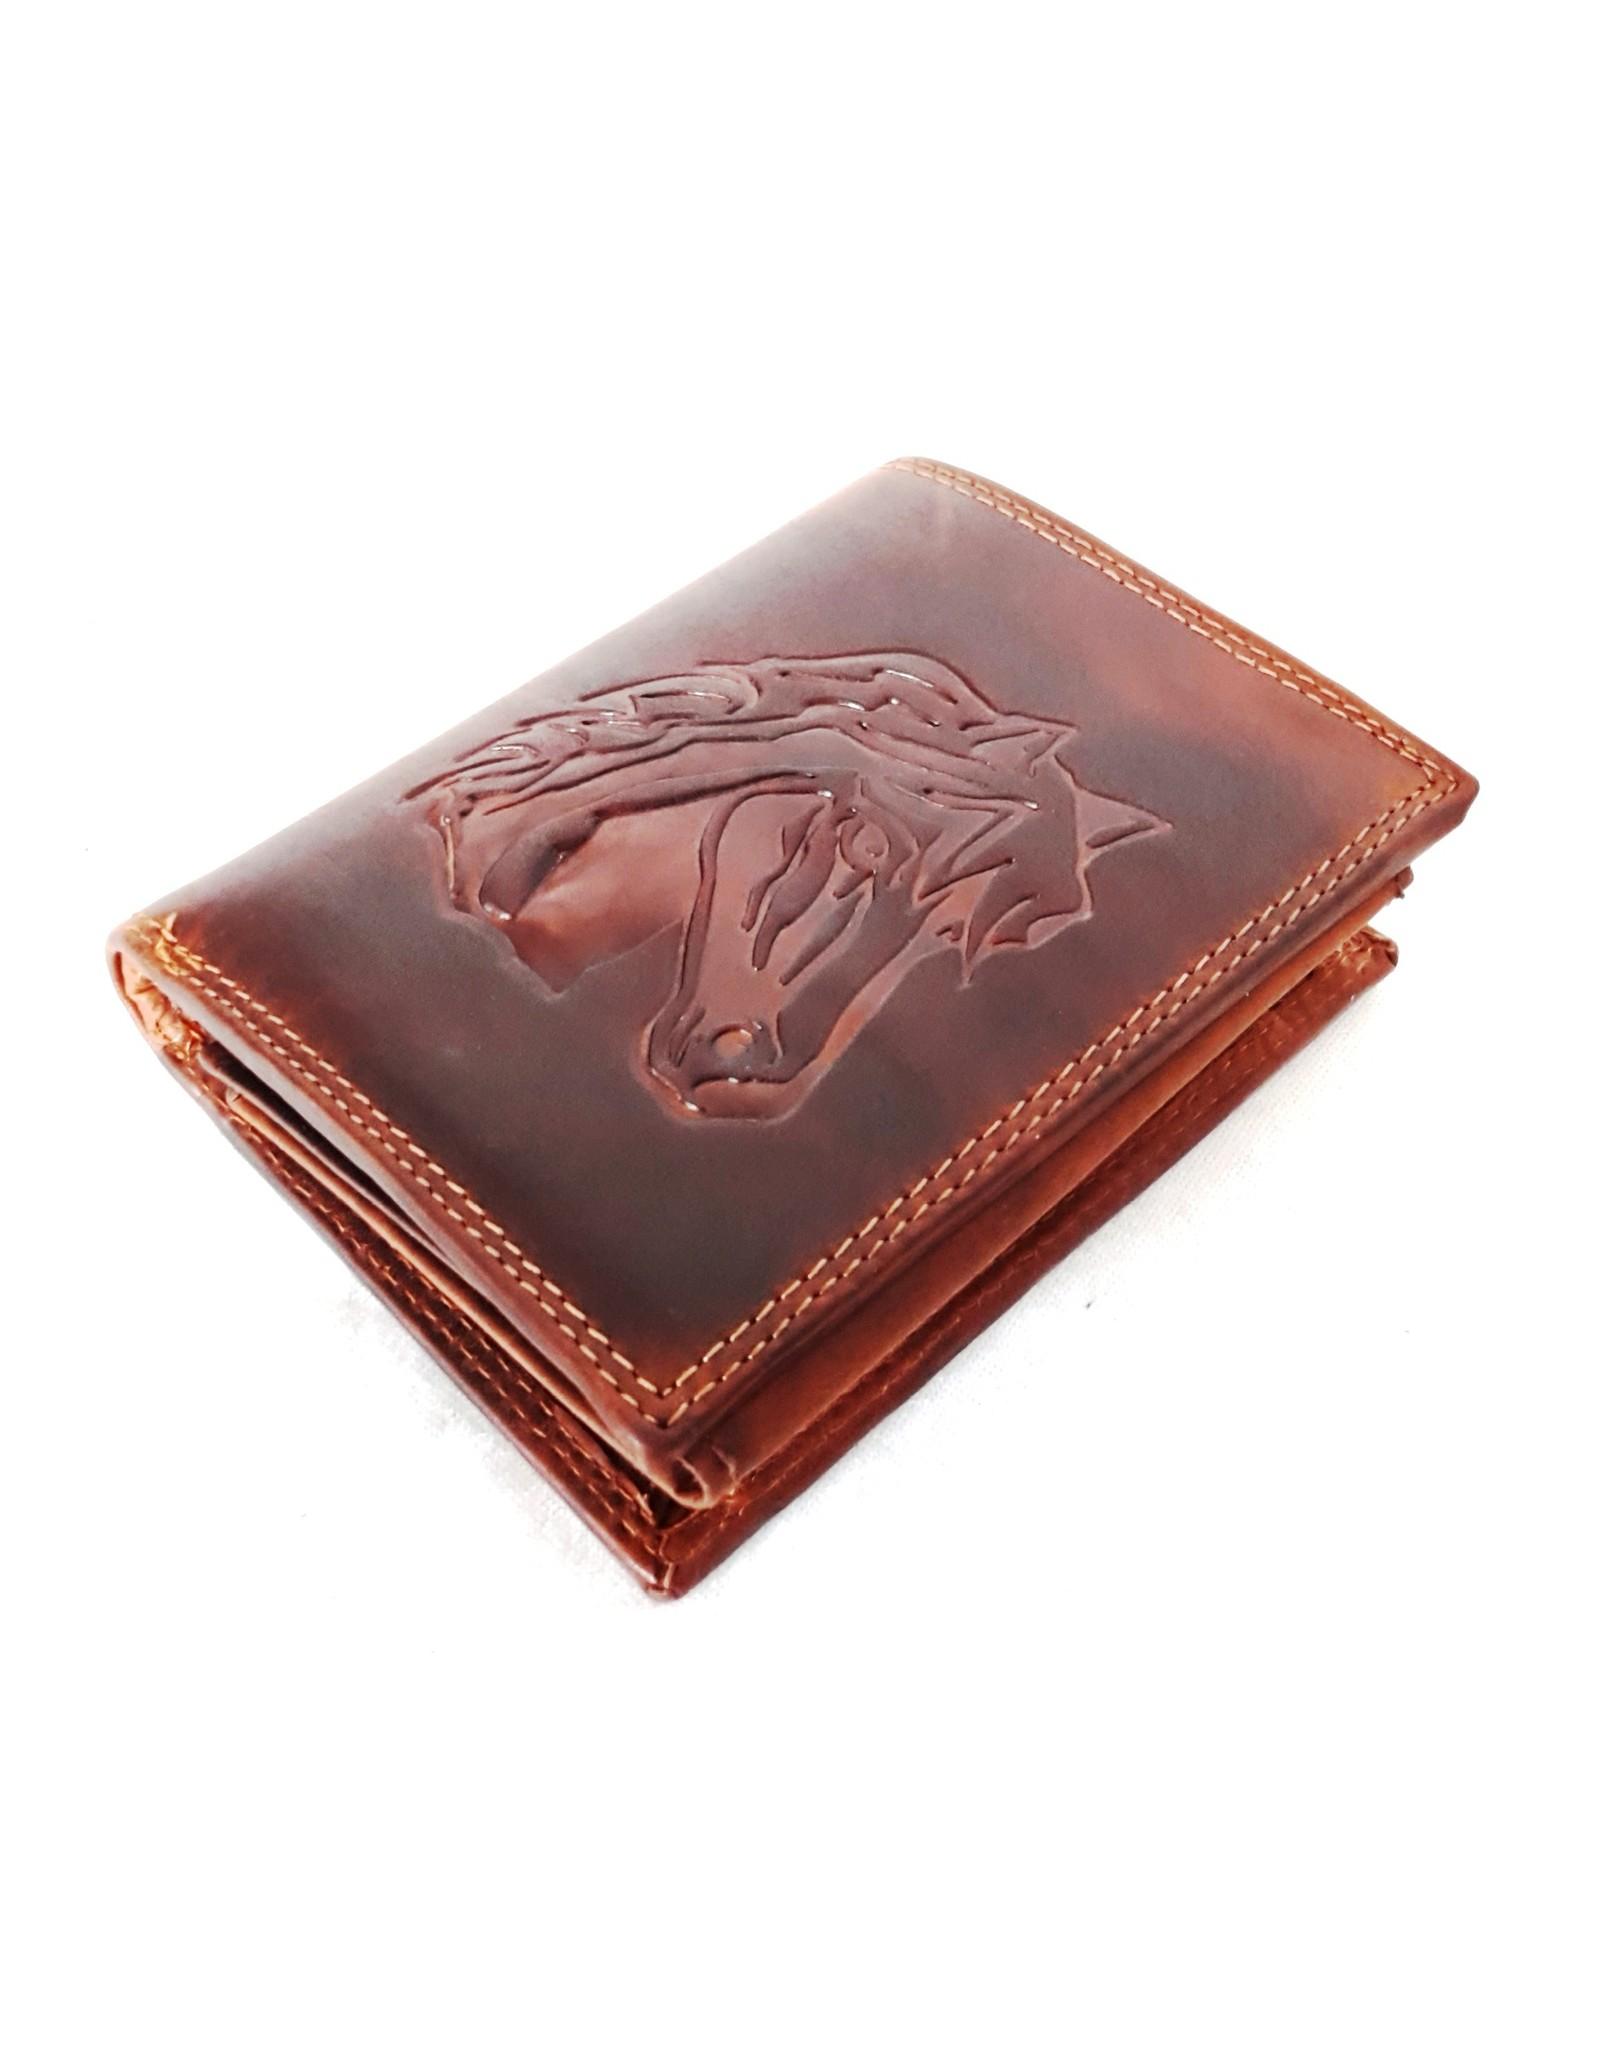 Hütmann Leren Portemonnees - Leren portemonnee met met reliëf paardenhoofd (verticaal)